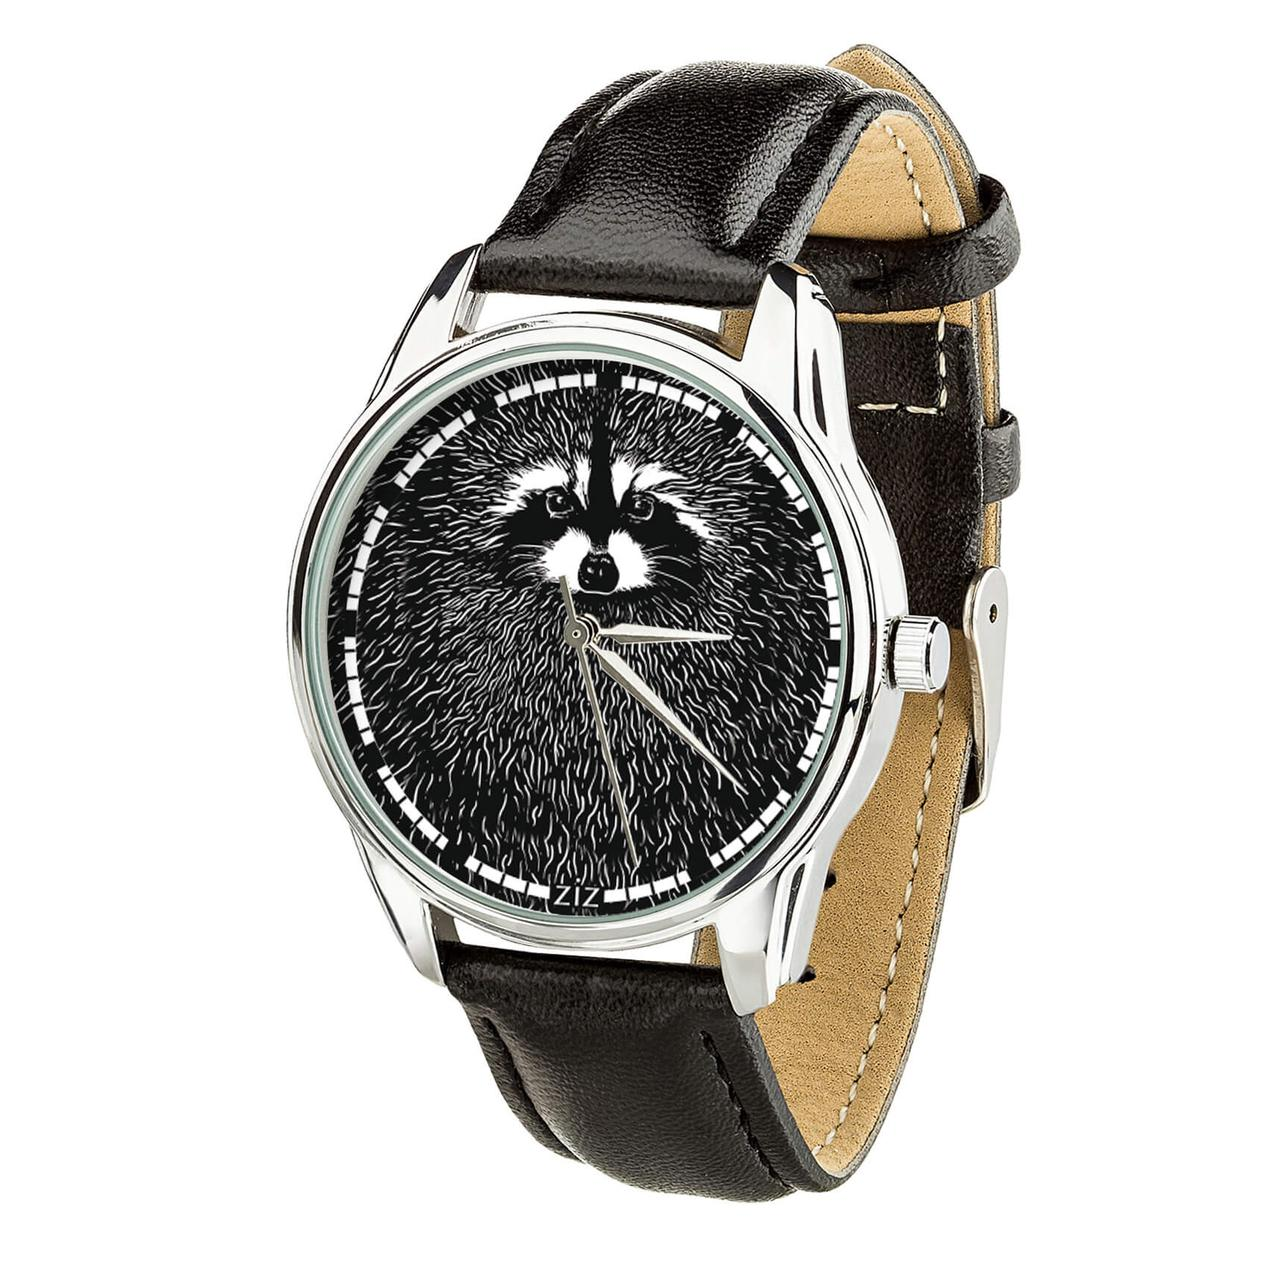 Часы ZIZ Енот (ремешок насыщенно - черный, серебро) + дополнительный ремешок